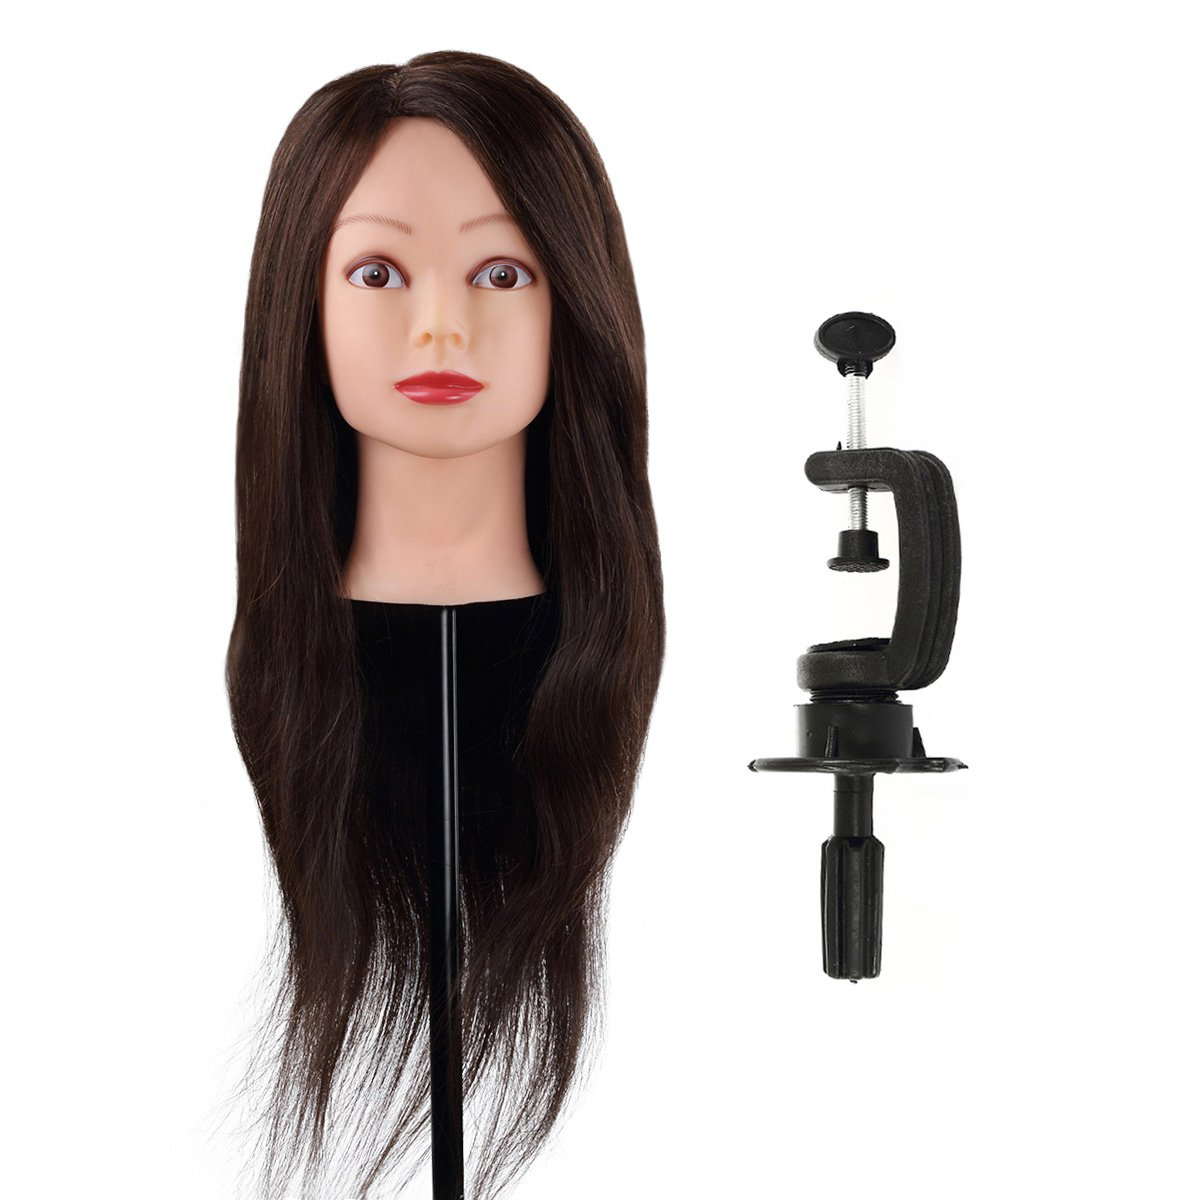 Maniquí de Cabeza para practicas de peluquería , sintético con el pelo largo, 56CM (con soporte)-CoastaCloud